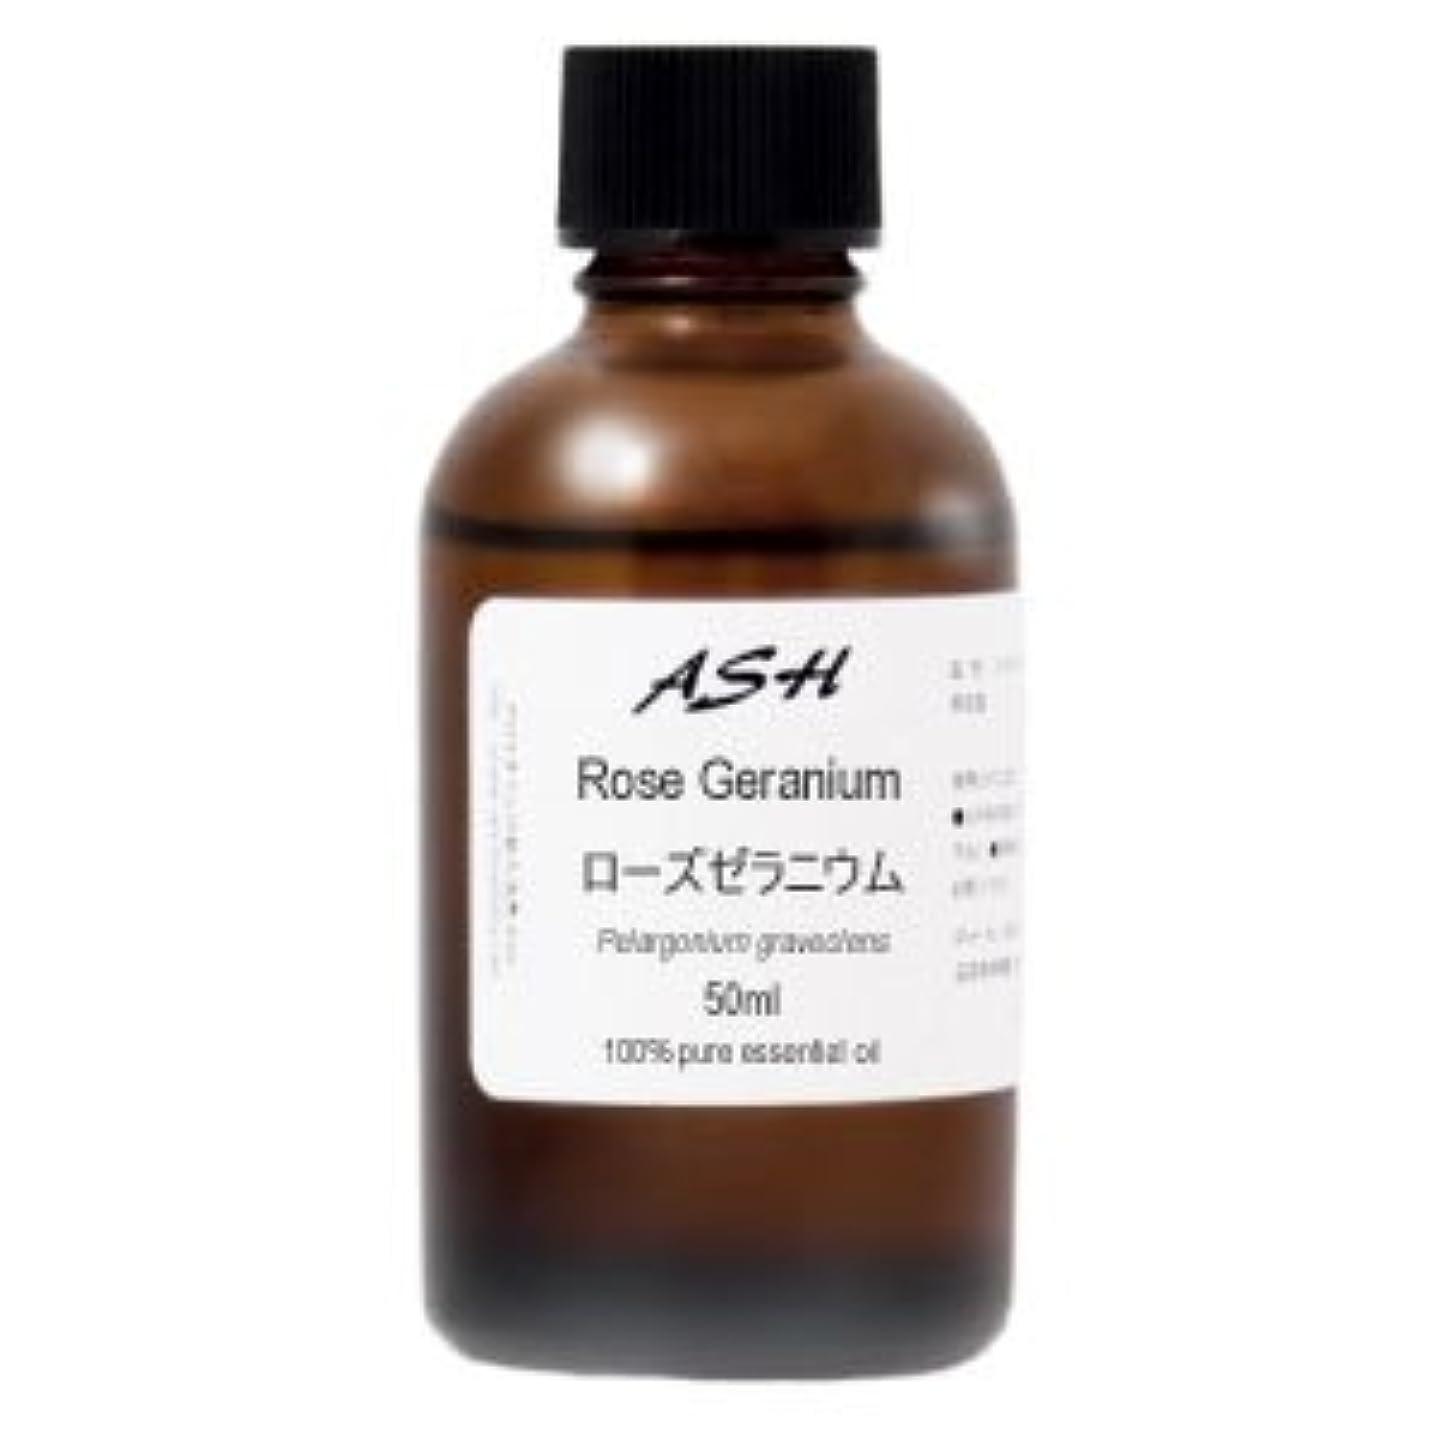 付与散文ミスASH ローズゼラニウム エッセンシャルオイル 50ml AEAJ表示基準適合認定精油